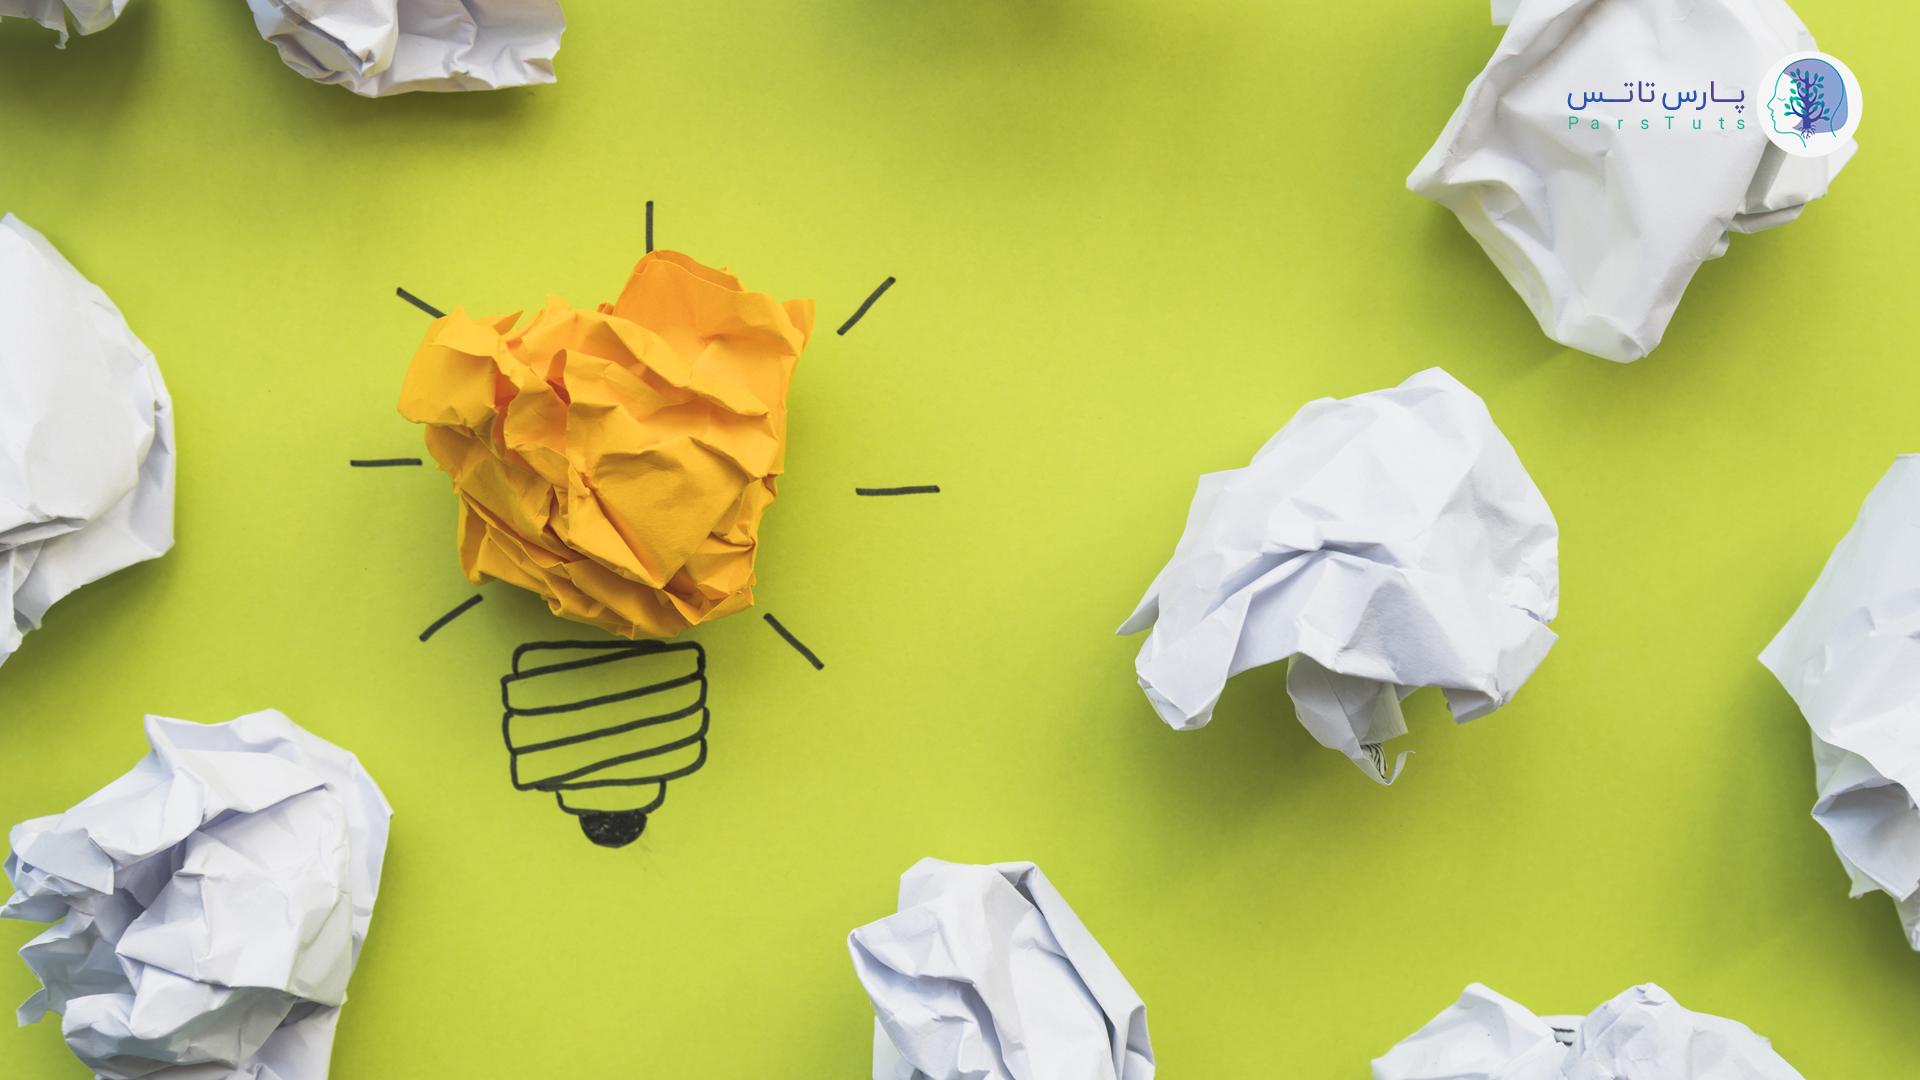 چرا ایده پردازی برای کسب و کار مهم است ؟ پارس تاتس چطور ایده پردازی کنیم ؟